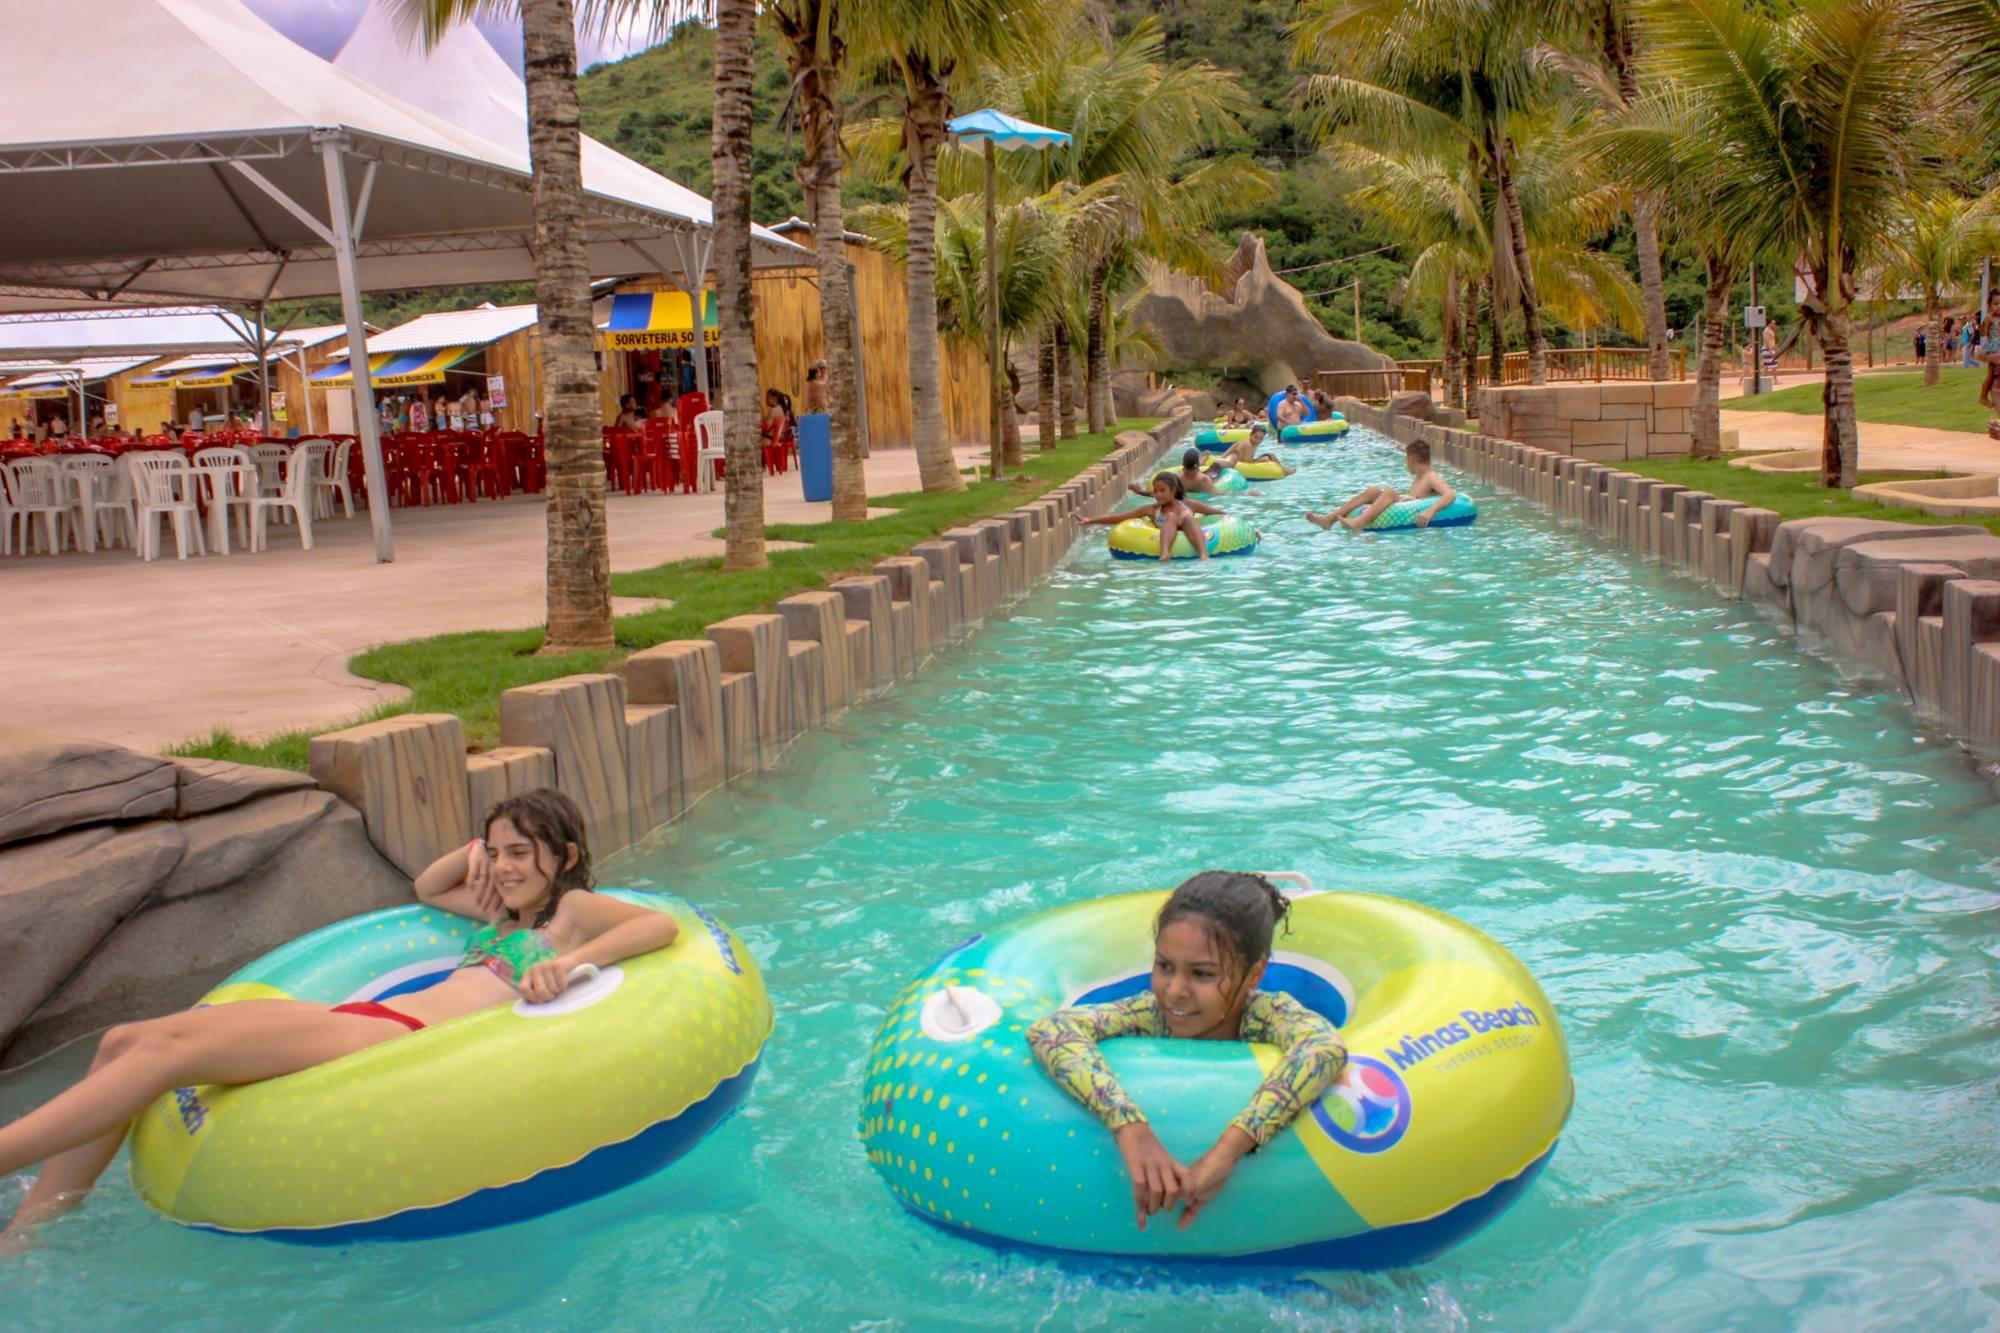 Minas beach thermas resort o novo parque aqu tico dos - Piscina onda ...